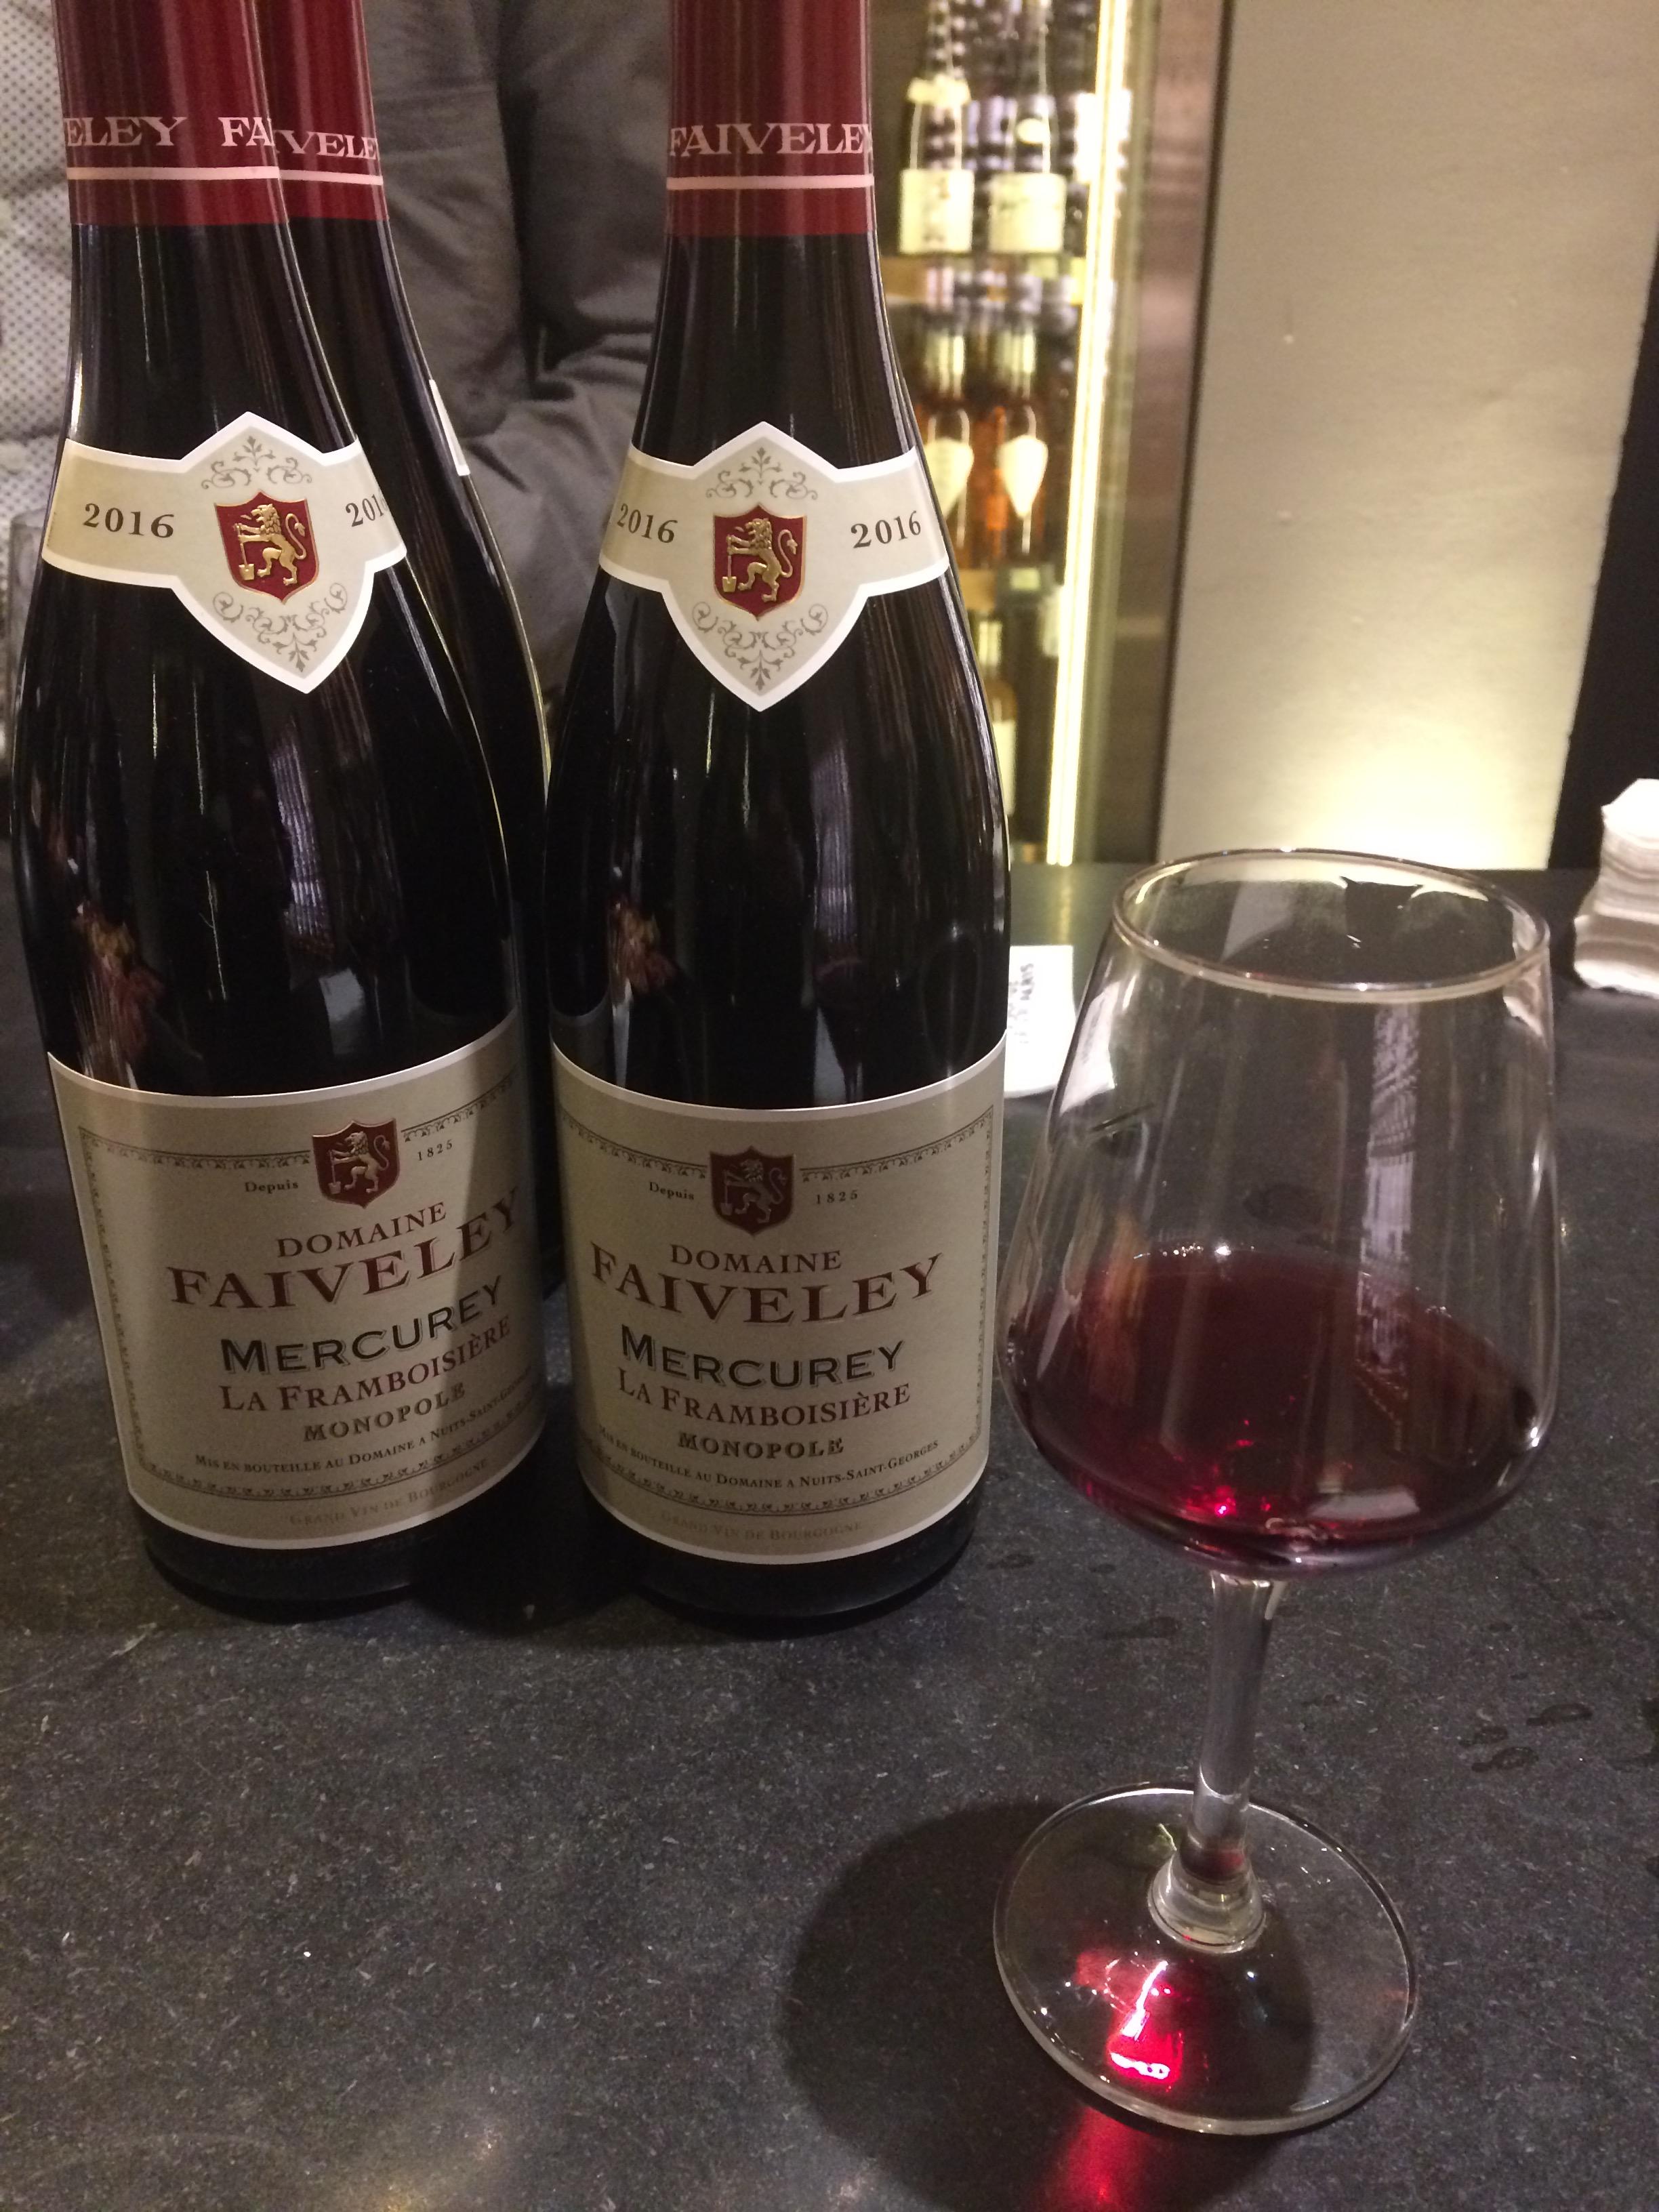 Mercurey la framboisière 2016 domaine faiveley foire aux vins 2018 la grande épicerie